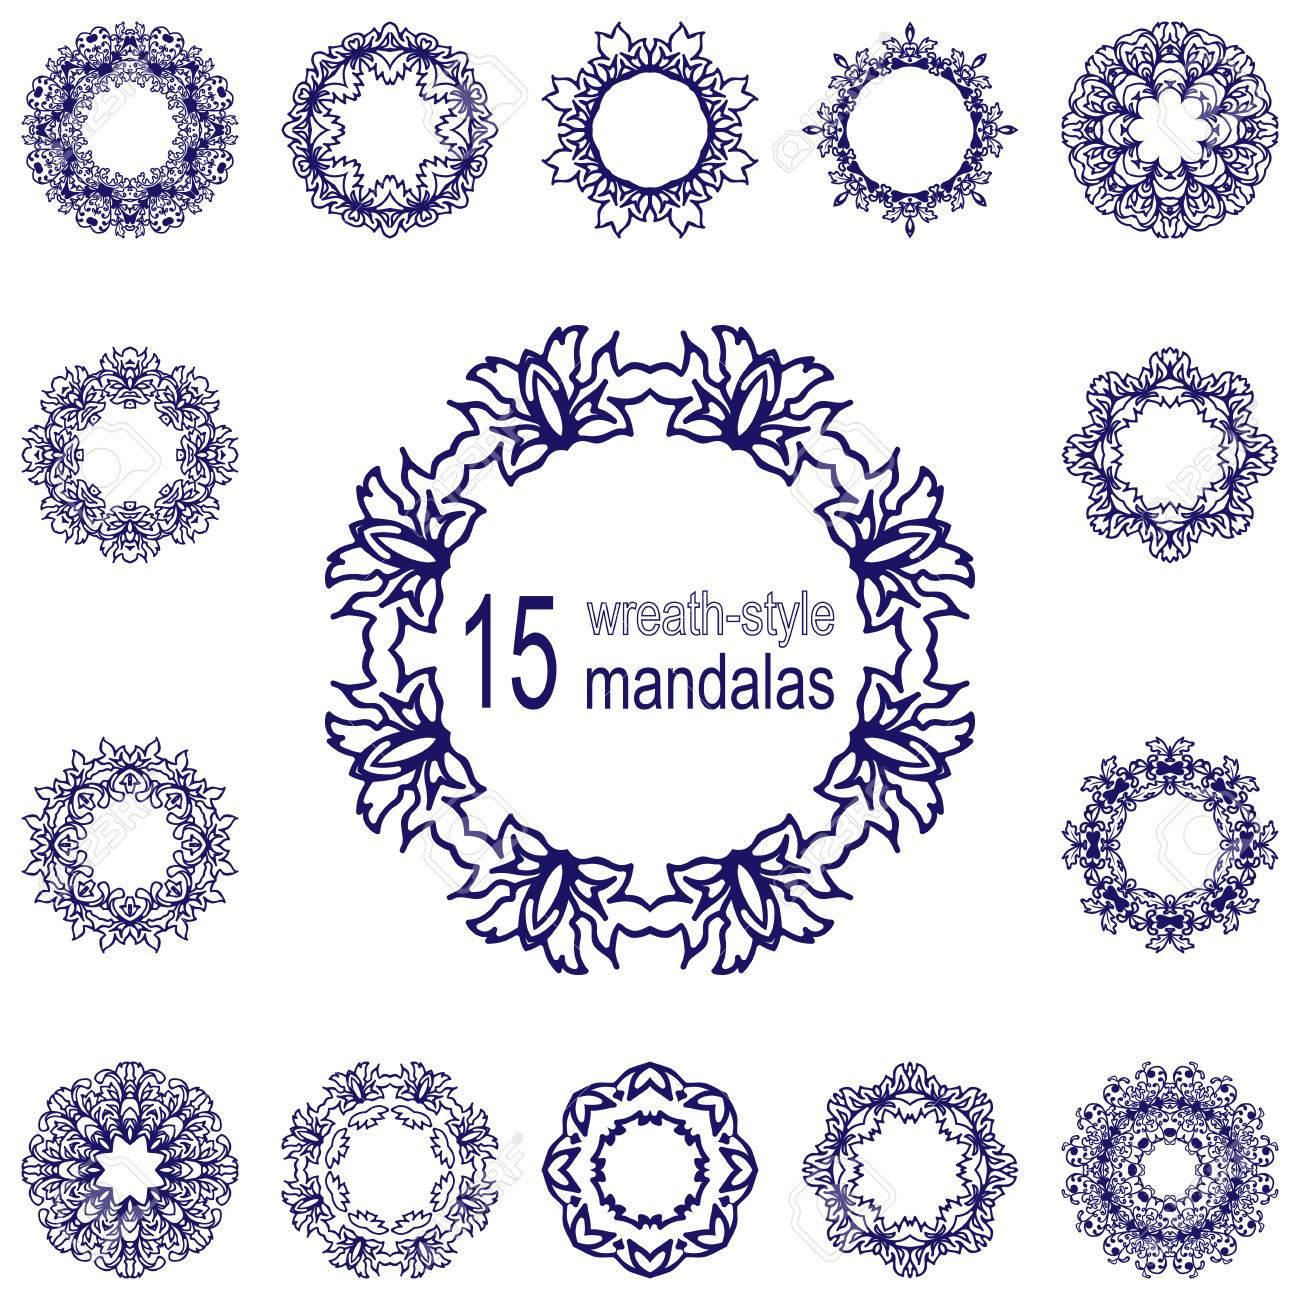 Moderno Patrones Circulares Libre Ideas - Ideas de Patrón de Vestido ...